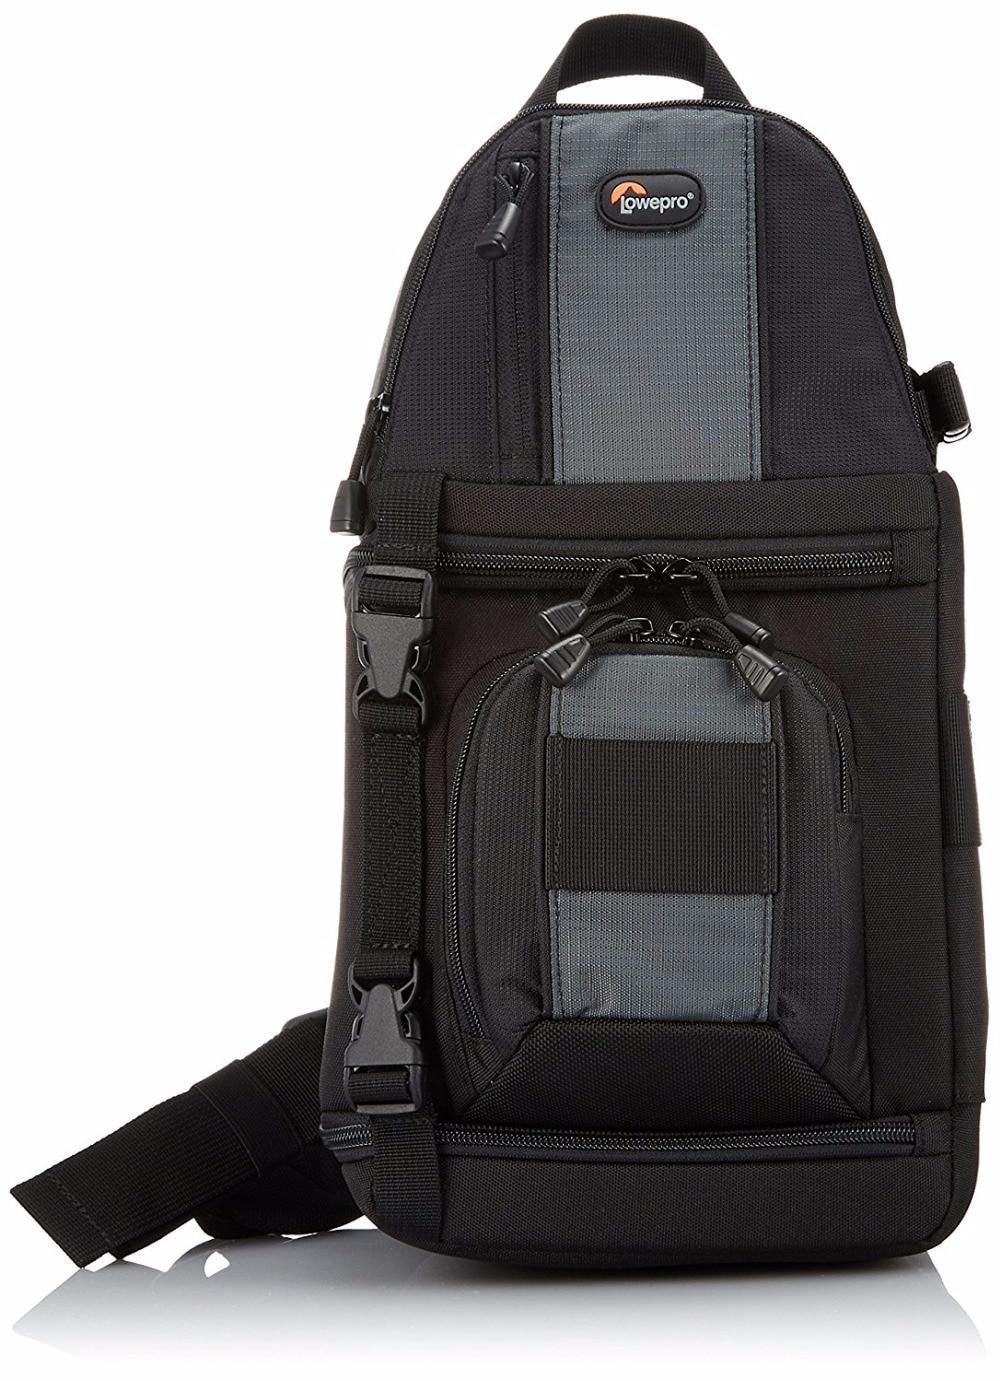 Fast shipping Genuine Lowepro SlingShot 102 AW SlingShot 102 AW DSLR Camera Photo Sling Shoulder Bag with all Weather Cover сумка lowepro photo sport shoulder 12l